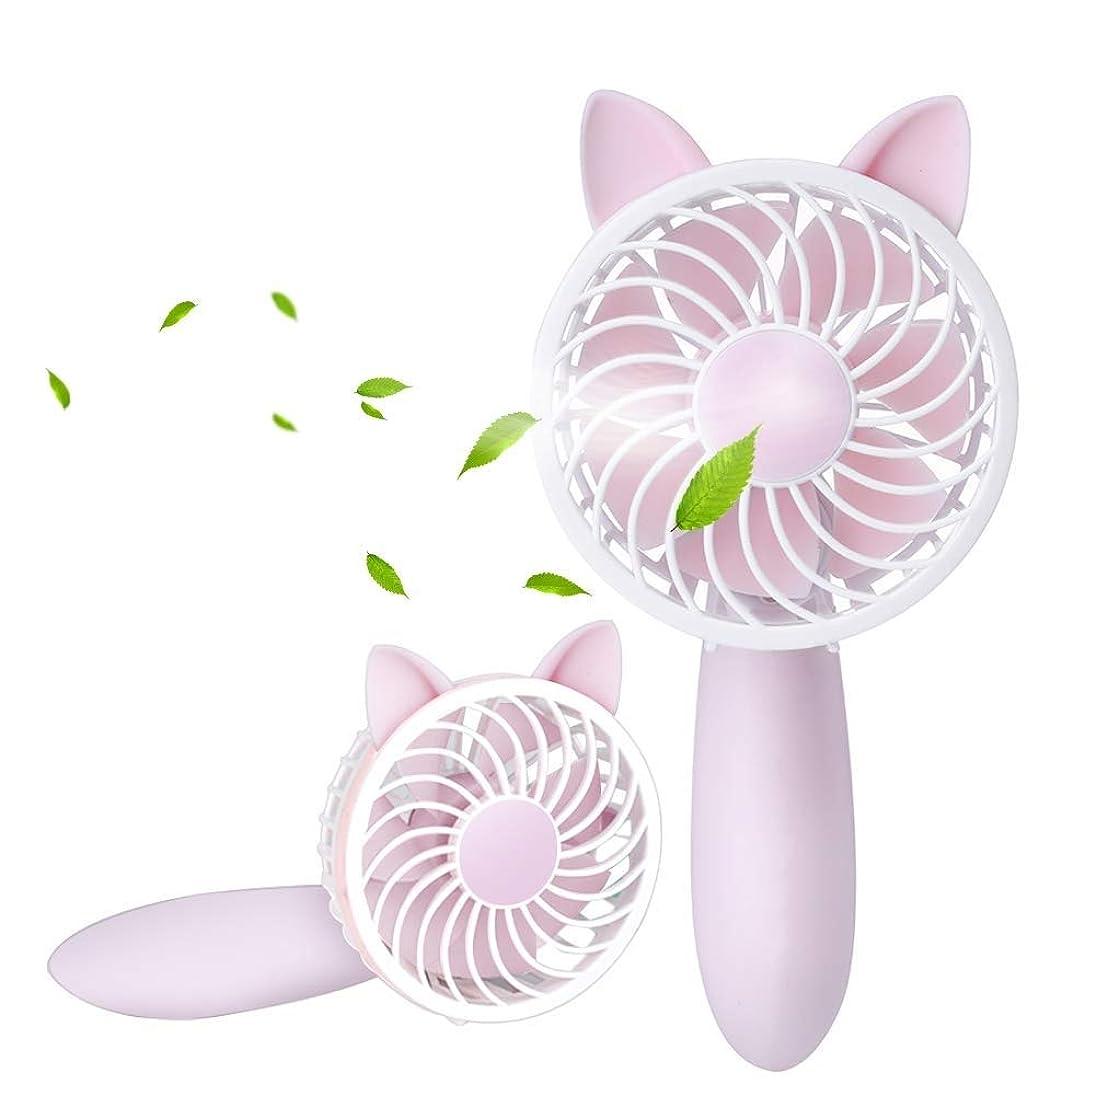 変色する裕福な曇ったZHQJP 屋内および屋外のための調節可能な3速ミニパーソナルハンドヘルドファンの1200mAhの充電式のUSB扇風機 (Color : Pink)